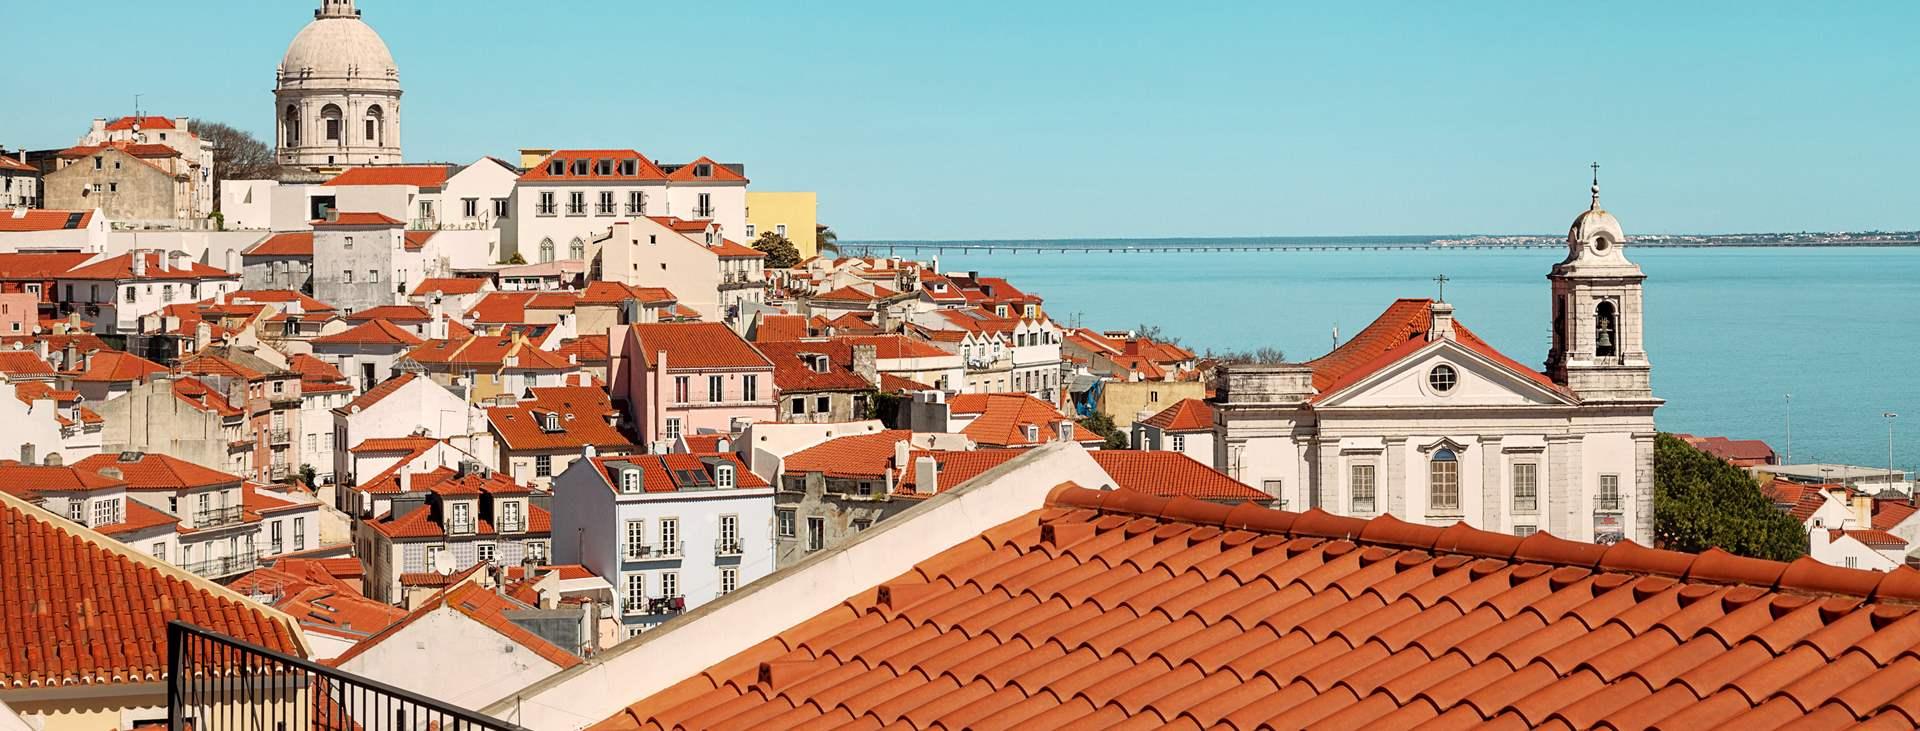 Lissabon Kaupunkilomat Ja Matkat Lennot Ja Hotellit Tjareborg